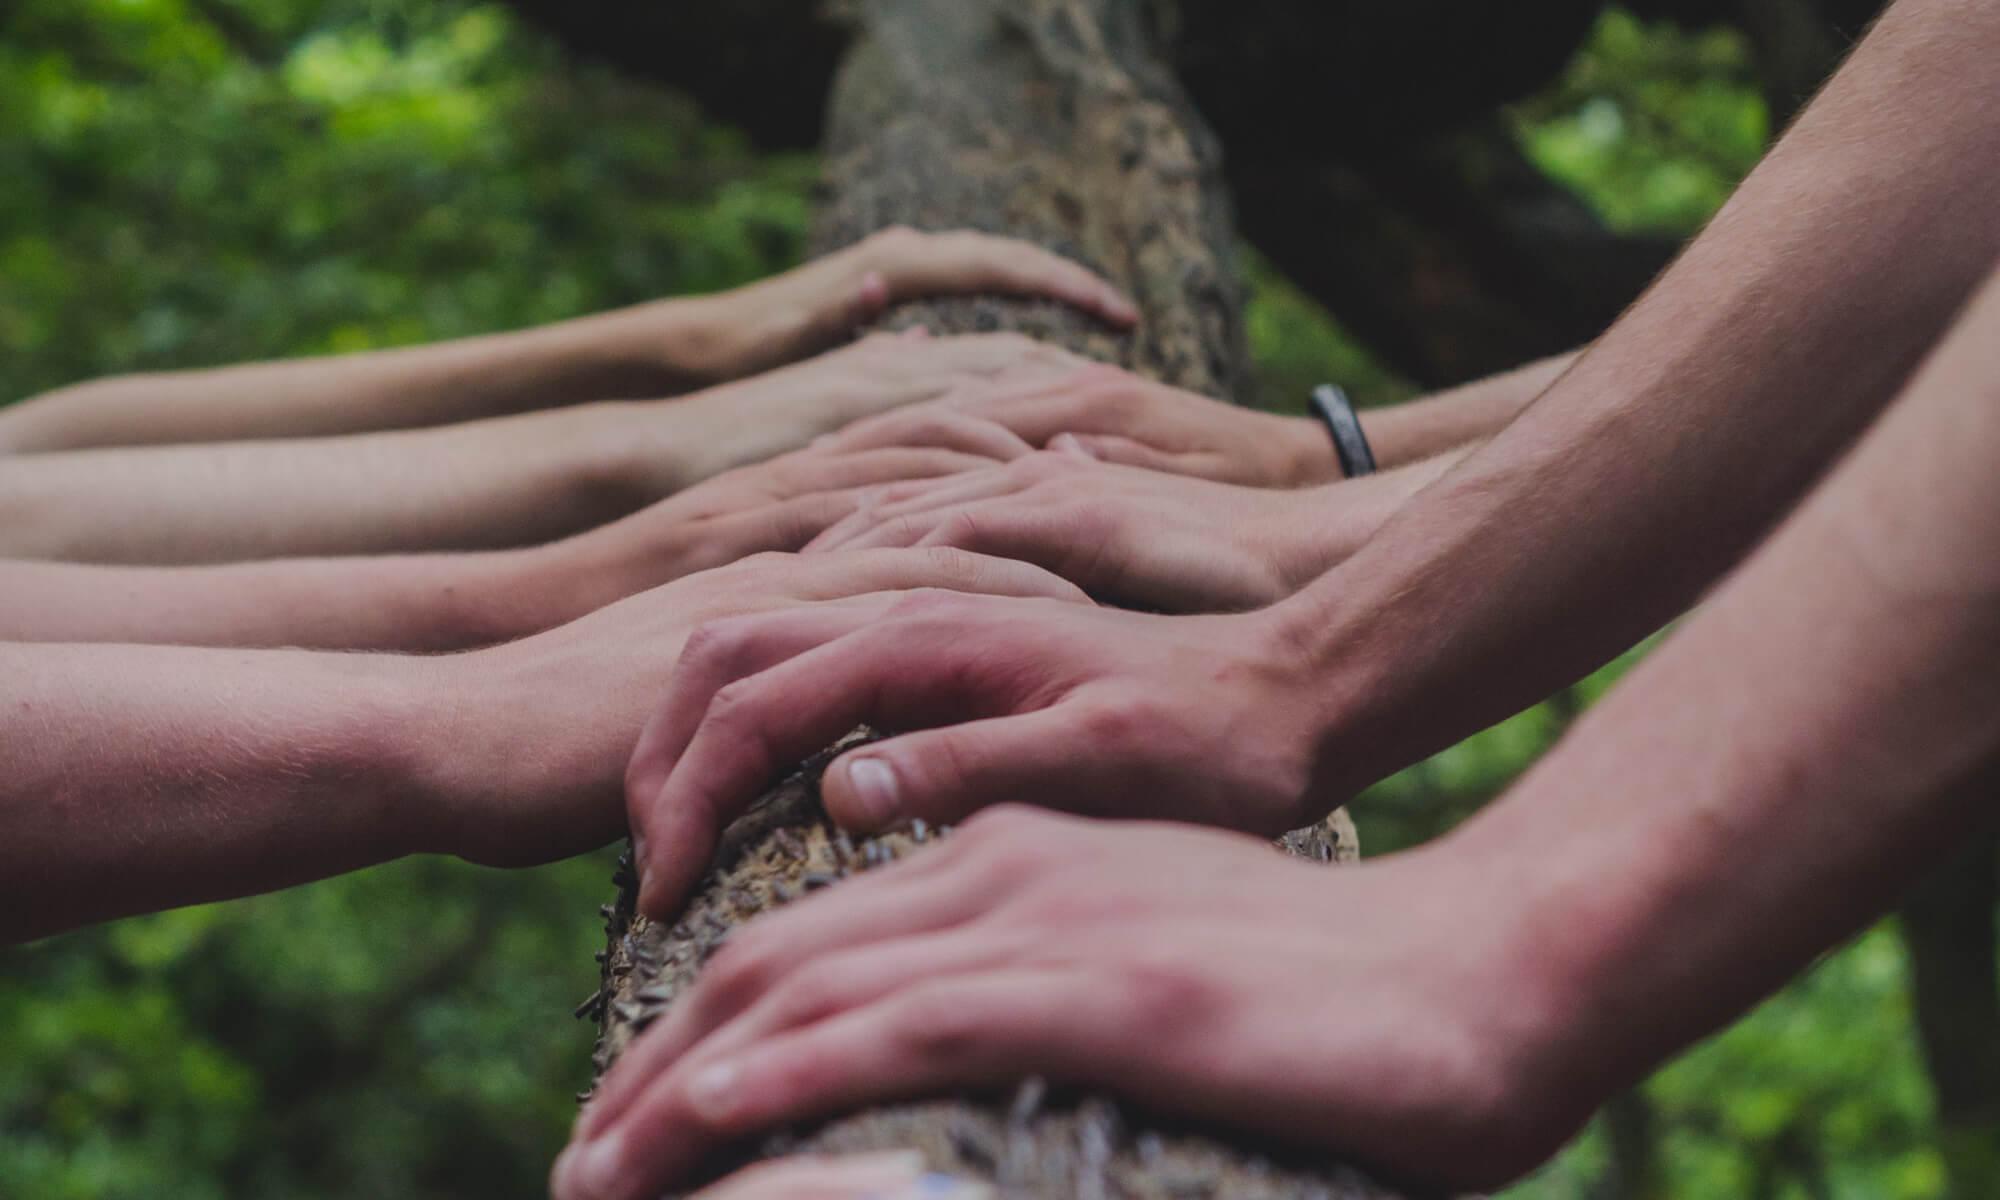 Entrenamiento en Cultivo de la Compasión